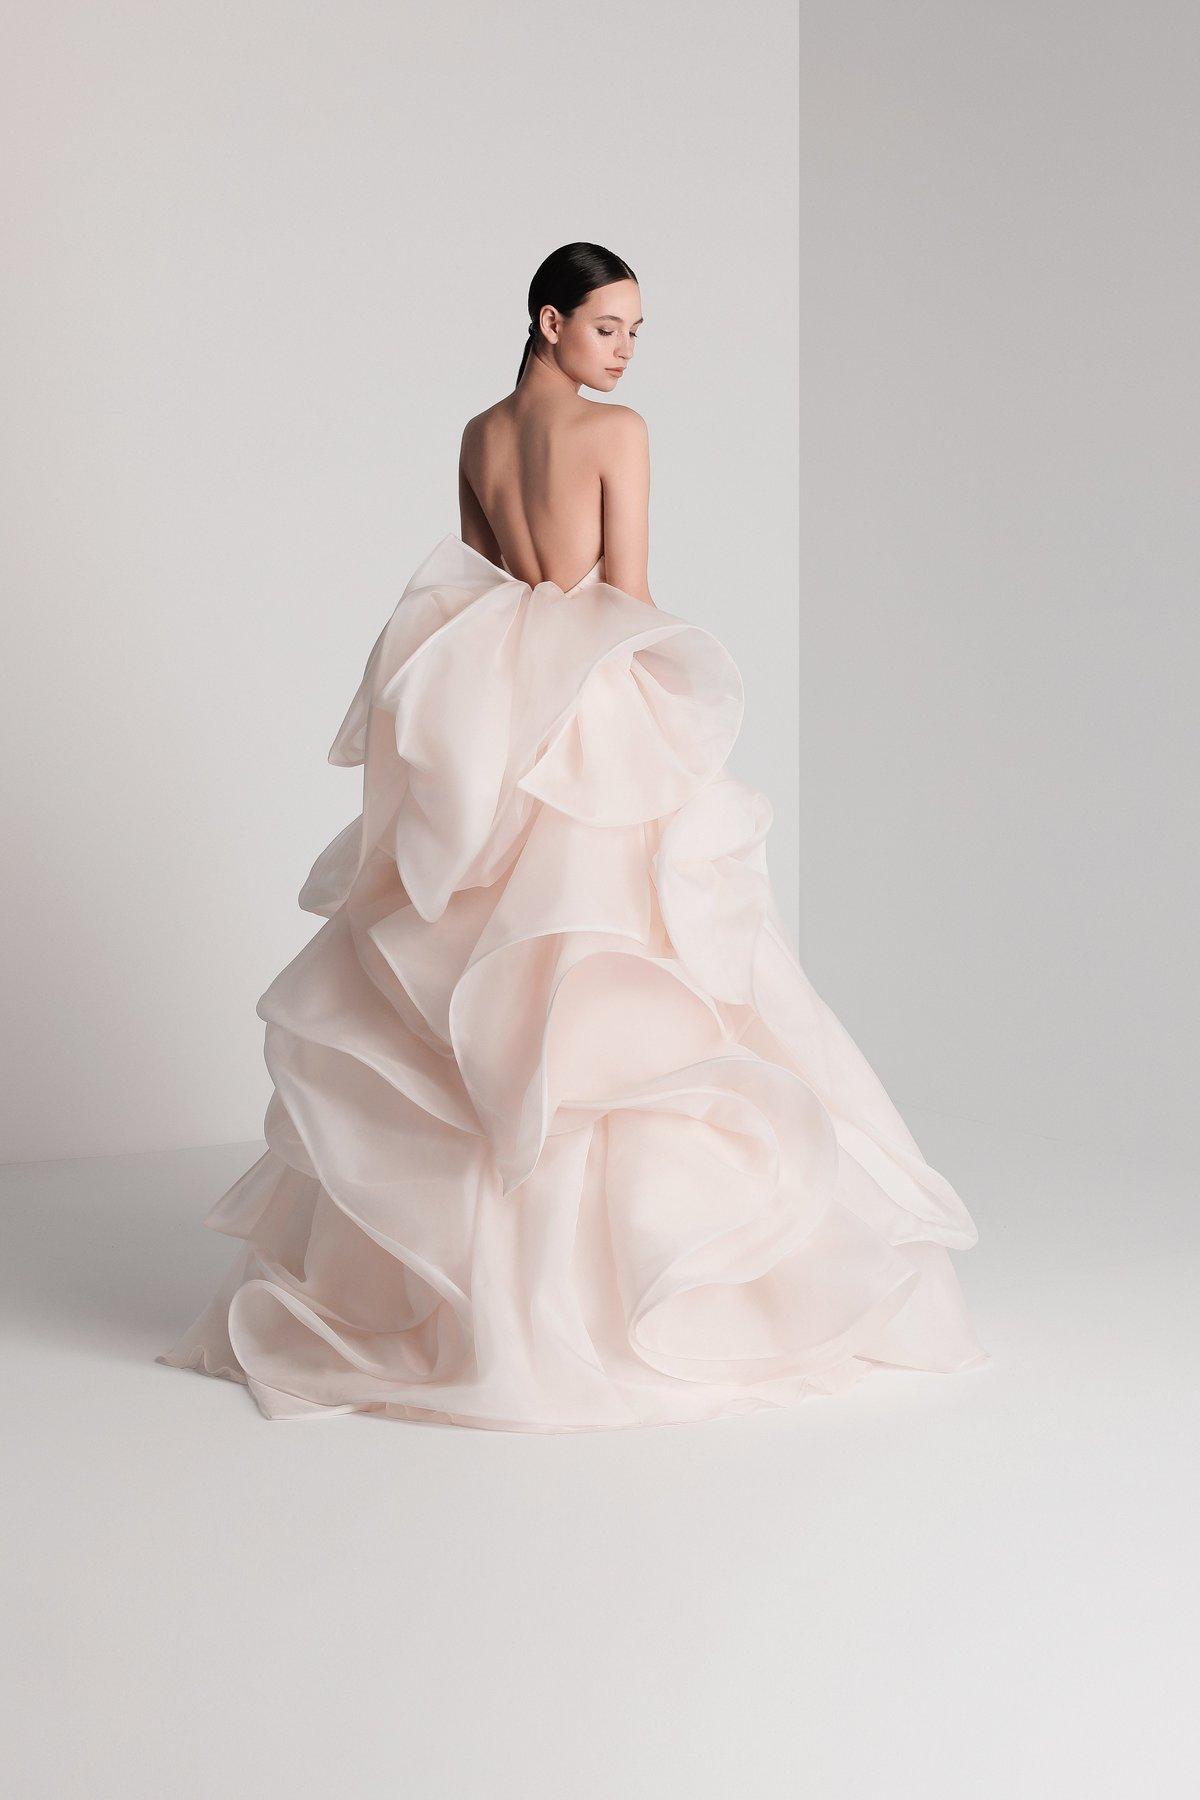 Abiti Da Sposa Antonio Riva.Antonio Riva Bridal Gown Dress Designer Jessica Haley Bridal